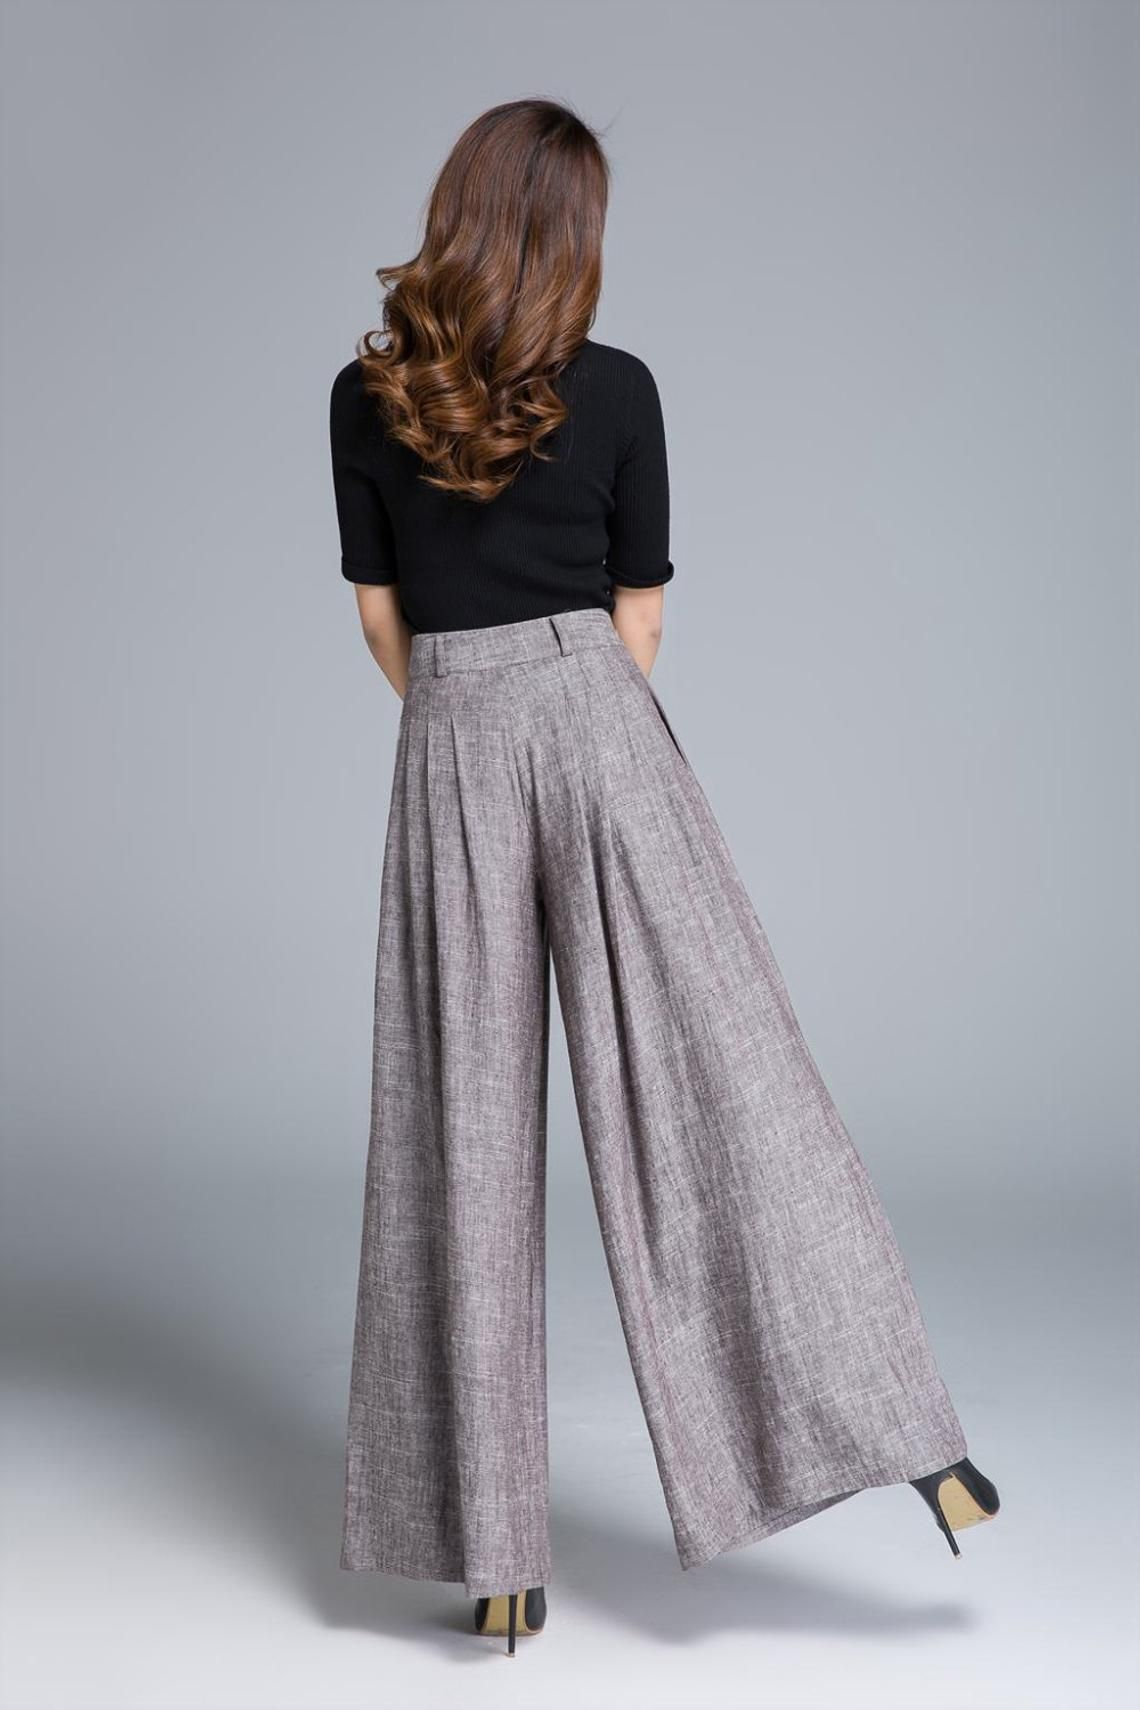 8c0d9231abd7 Palazzo pants, brown linen pants, wide leg pants, pleated pant ...